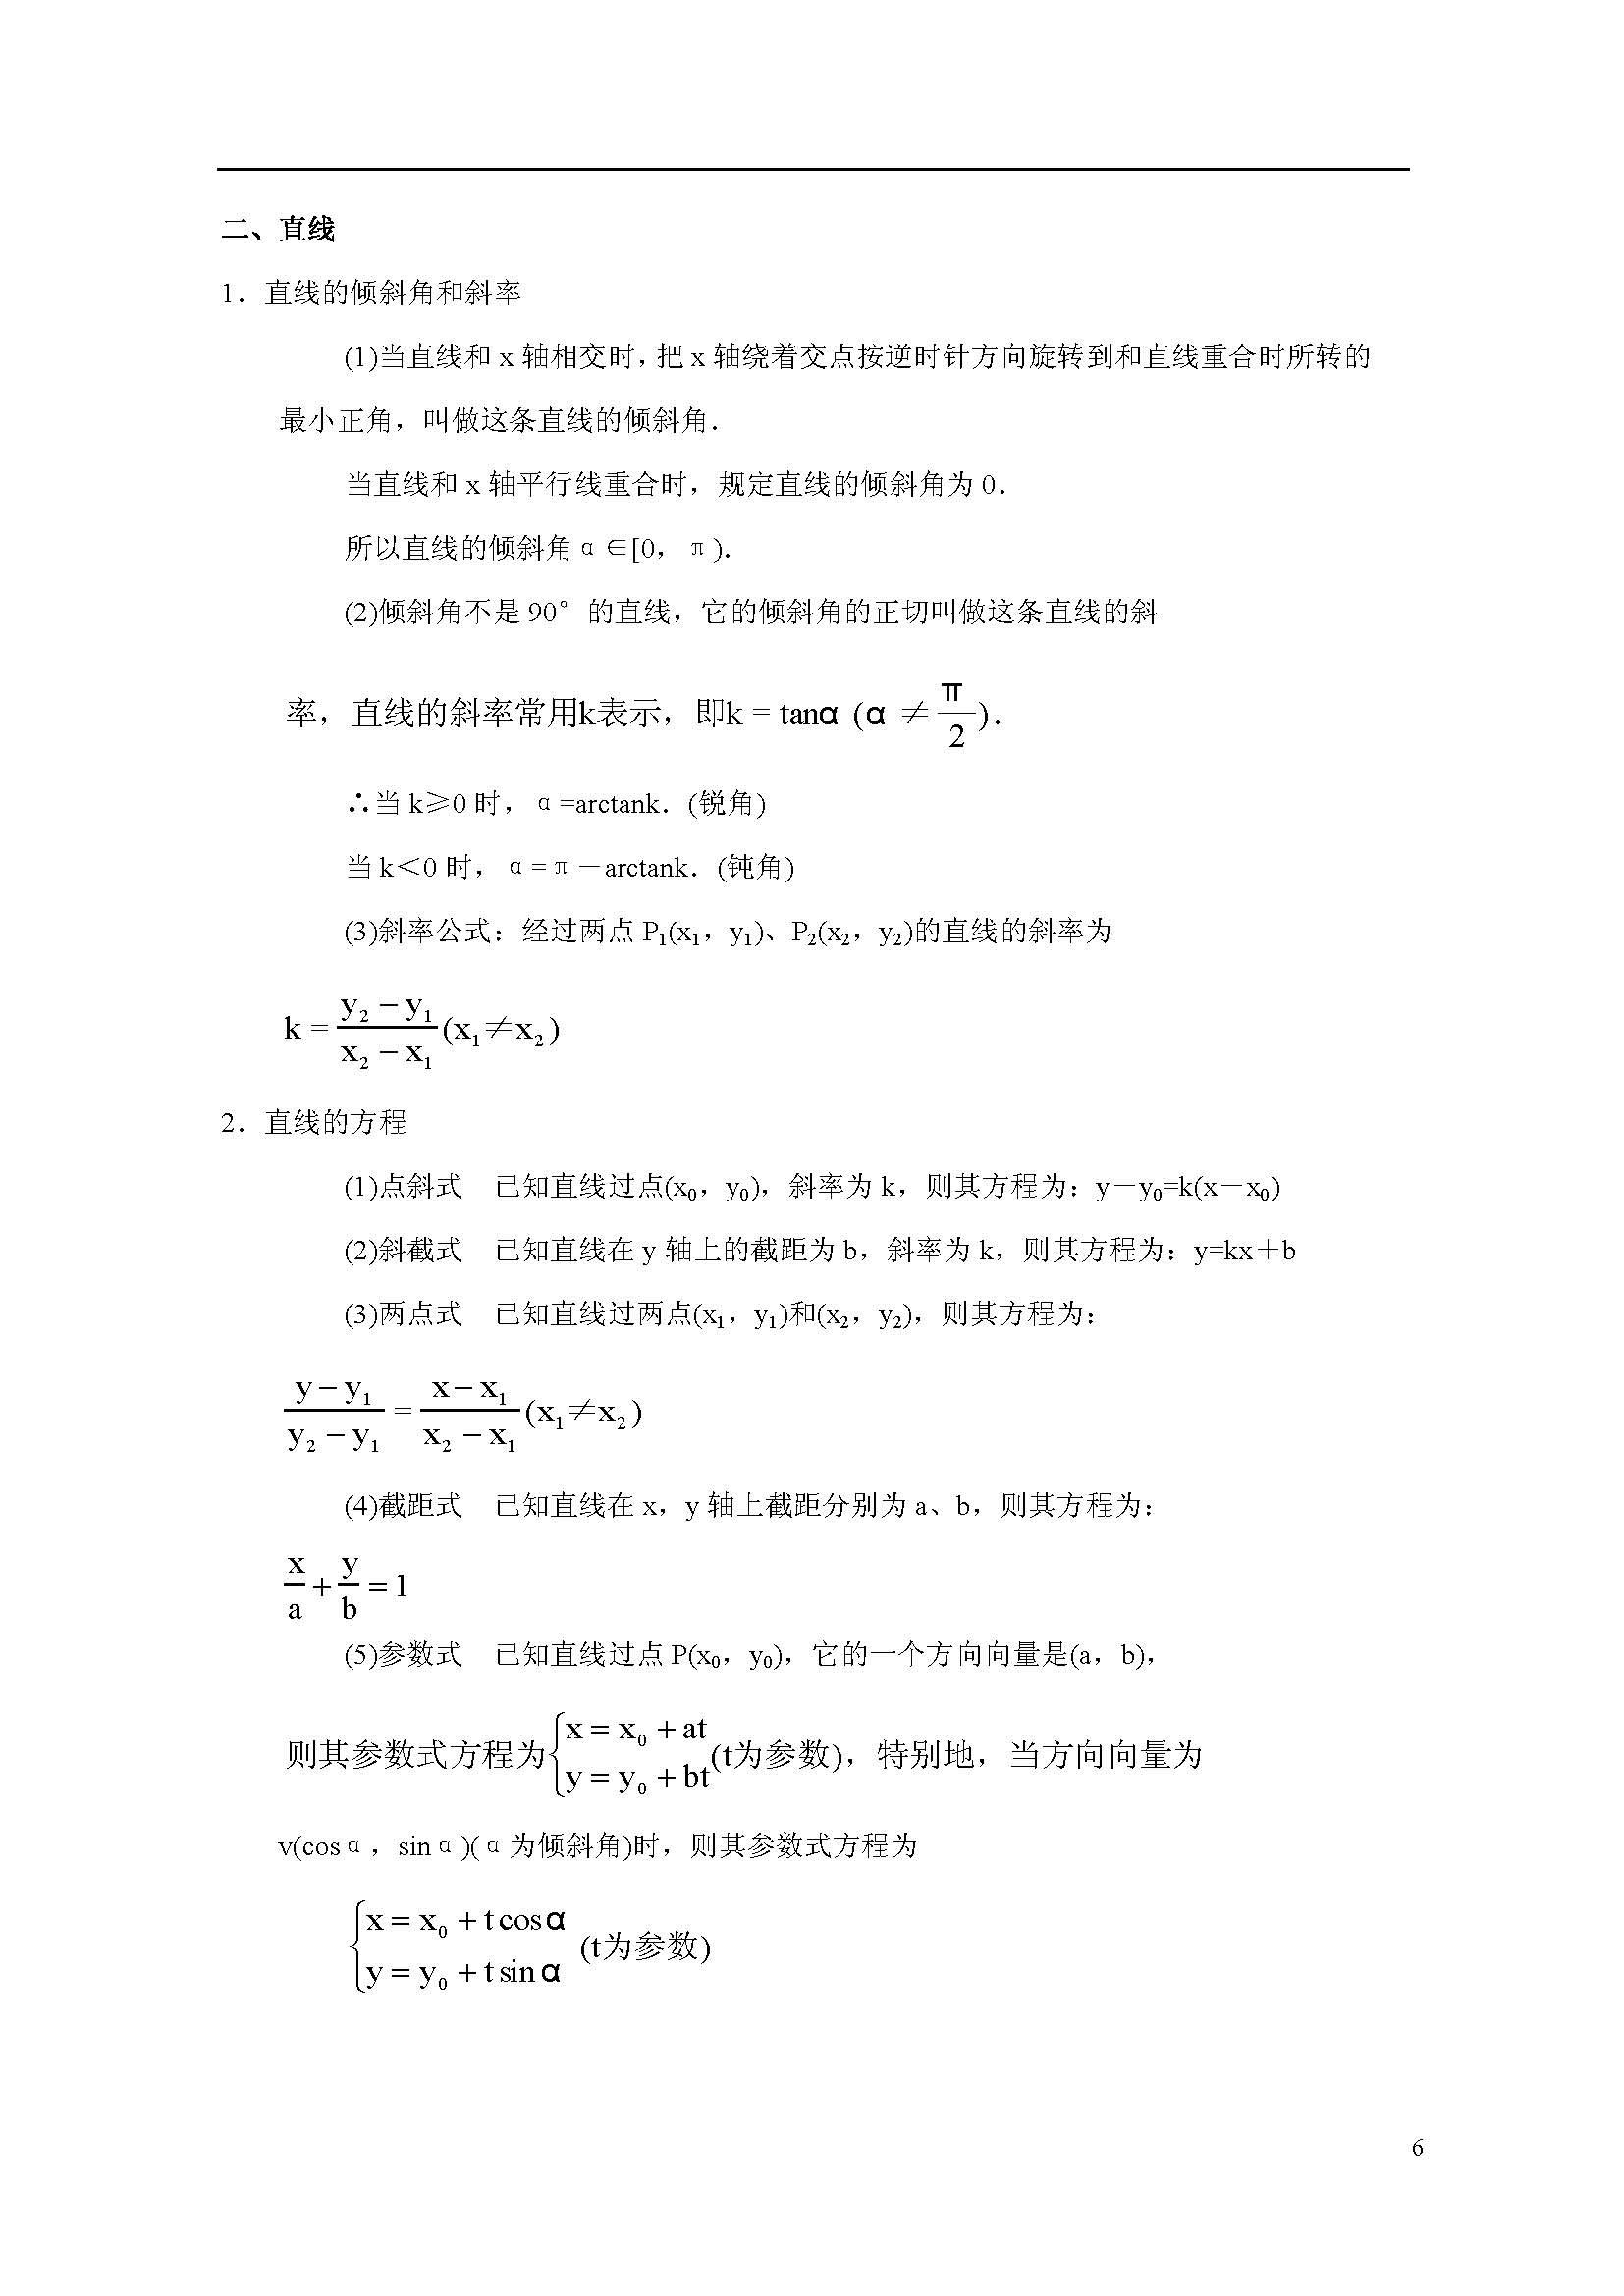 高二数学上册知识点总结:直线